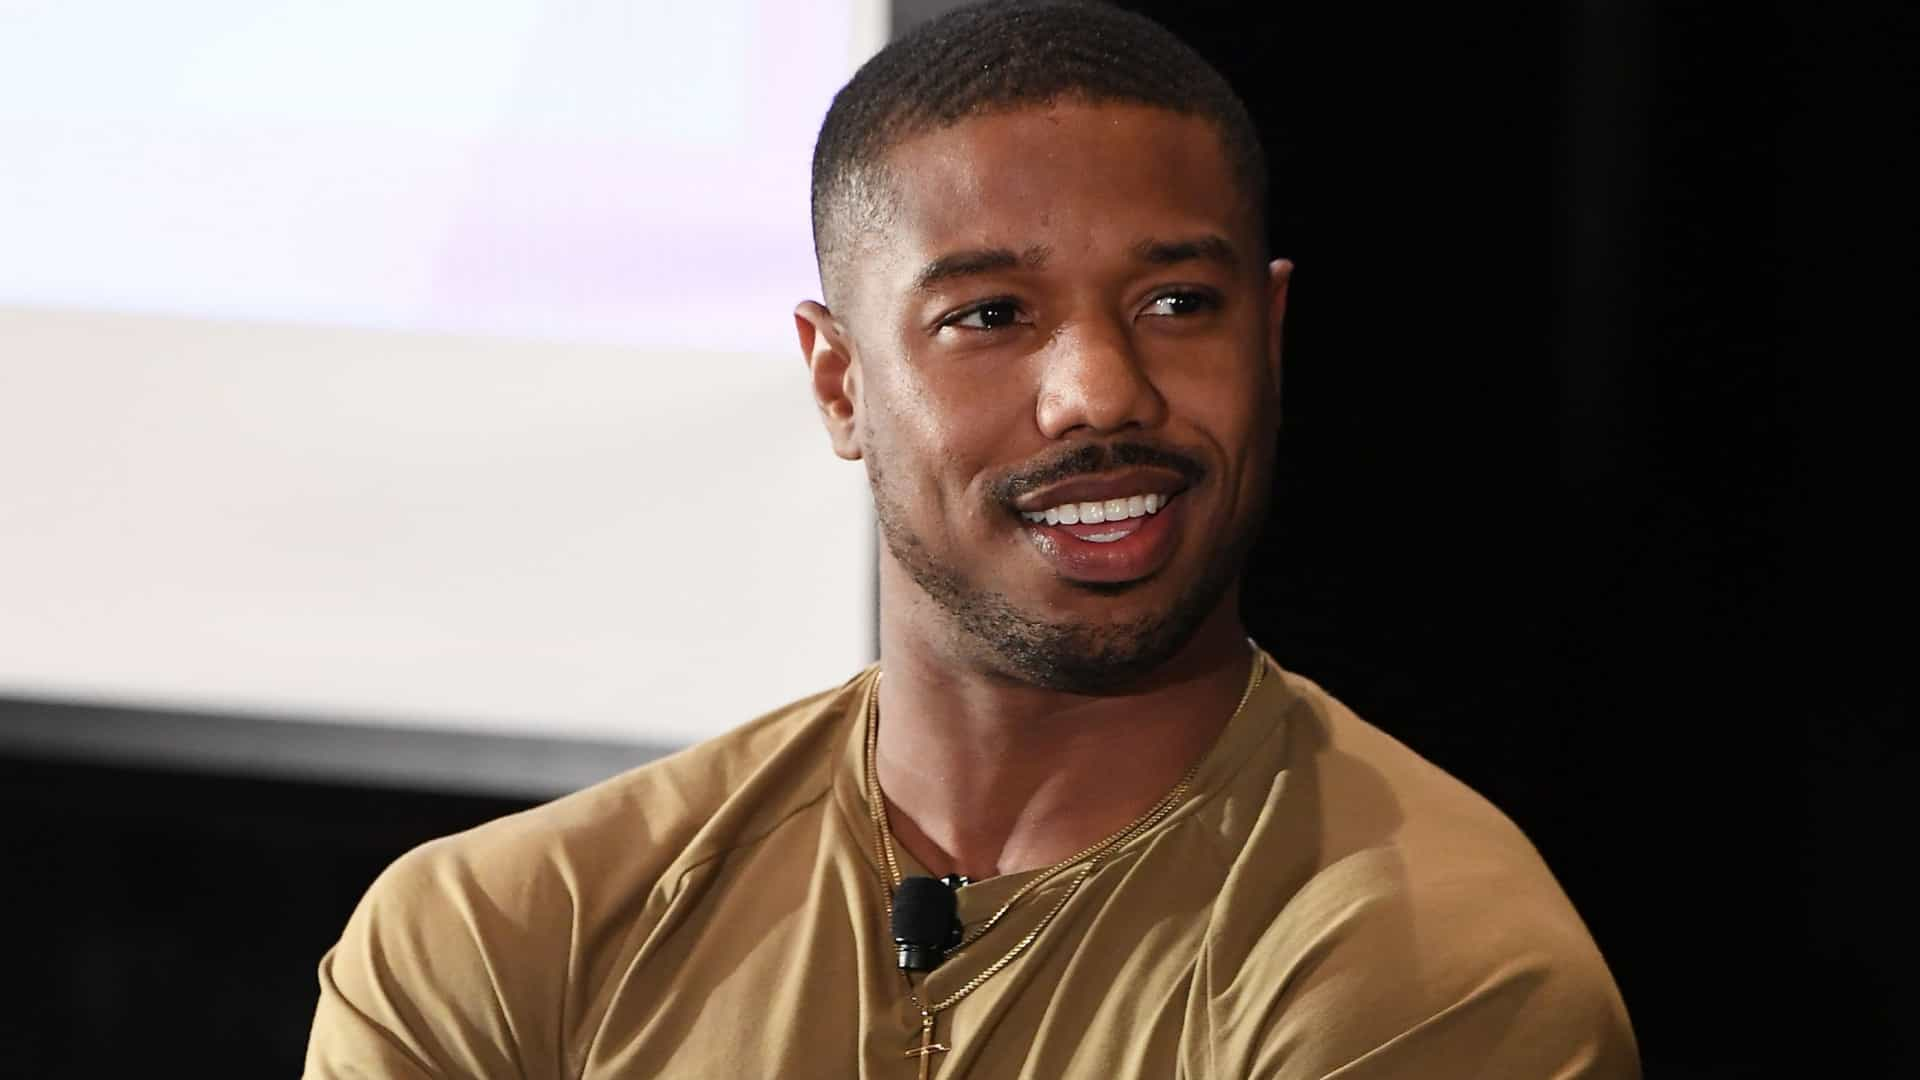 Actores negros que arrasam no cinema